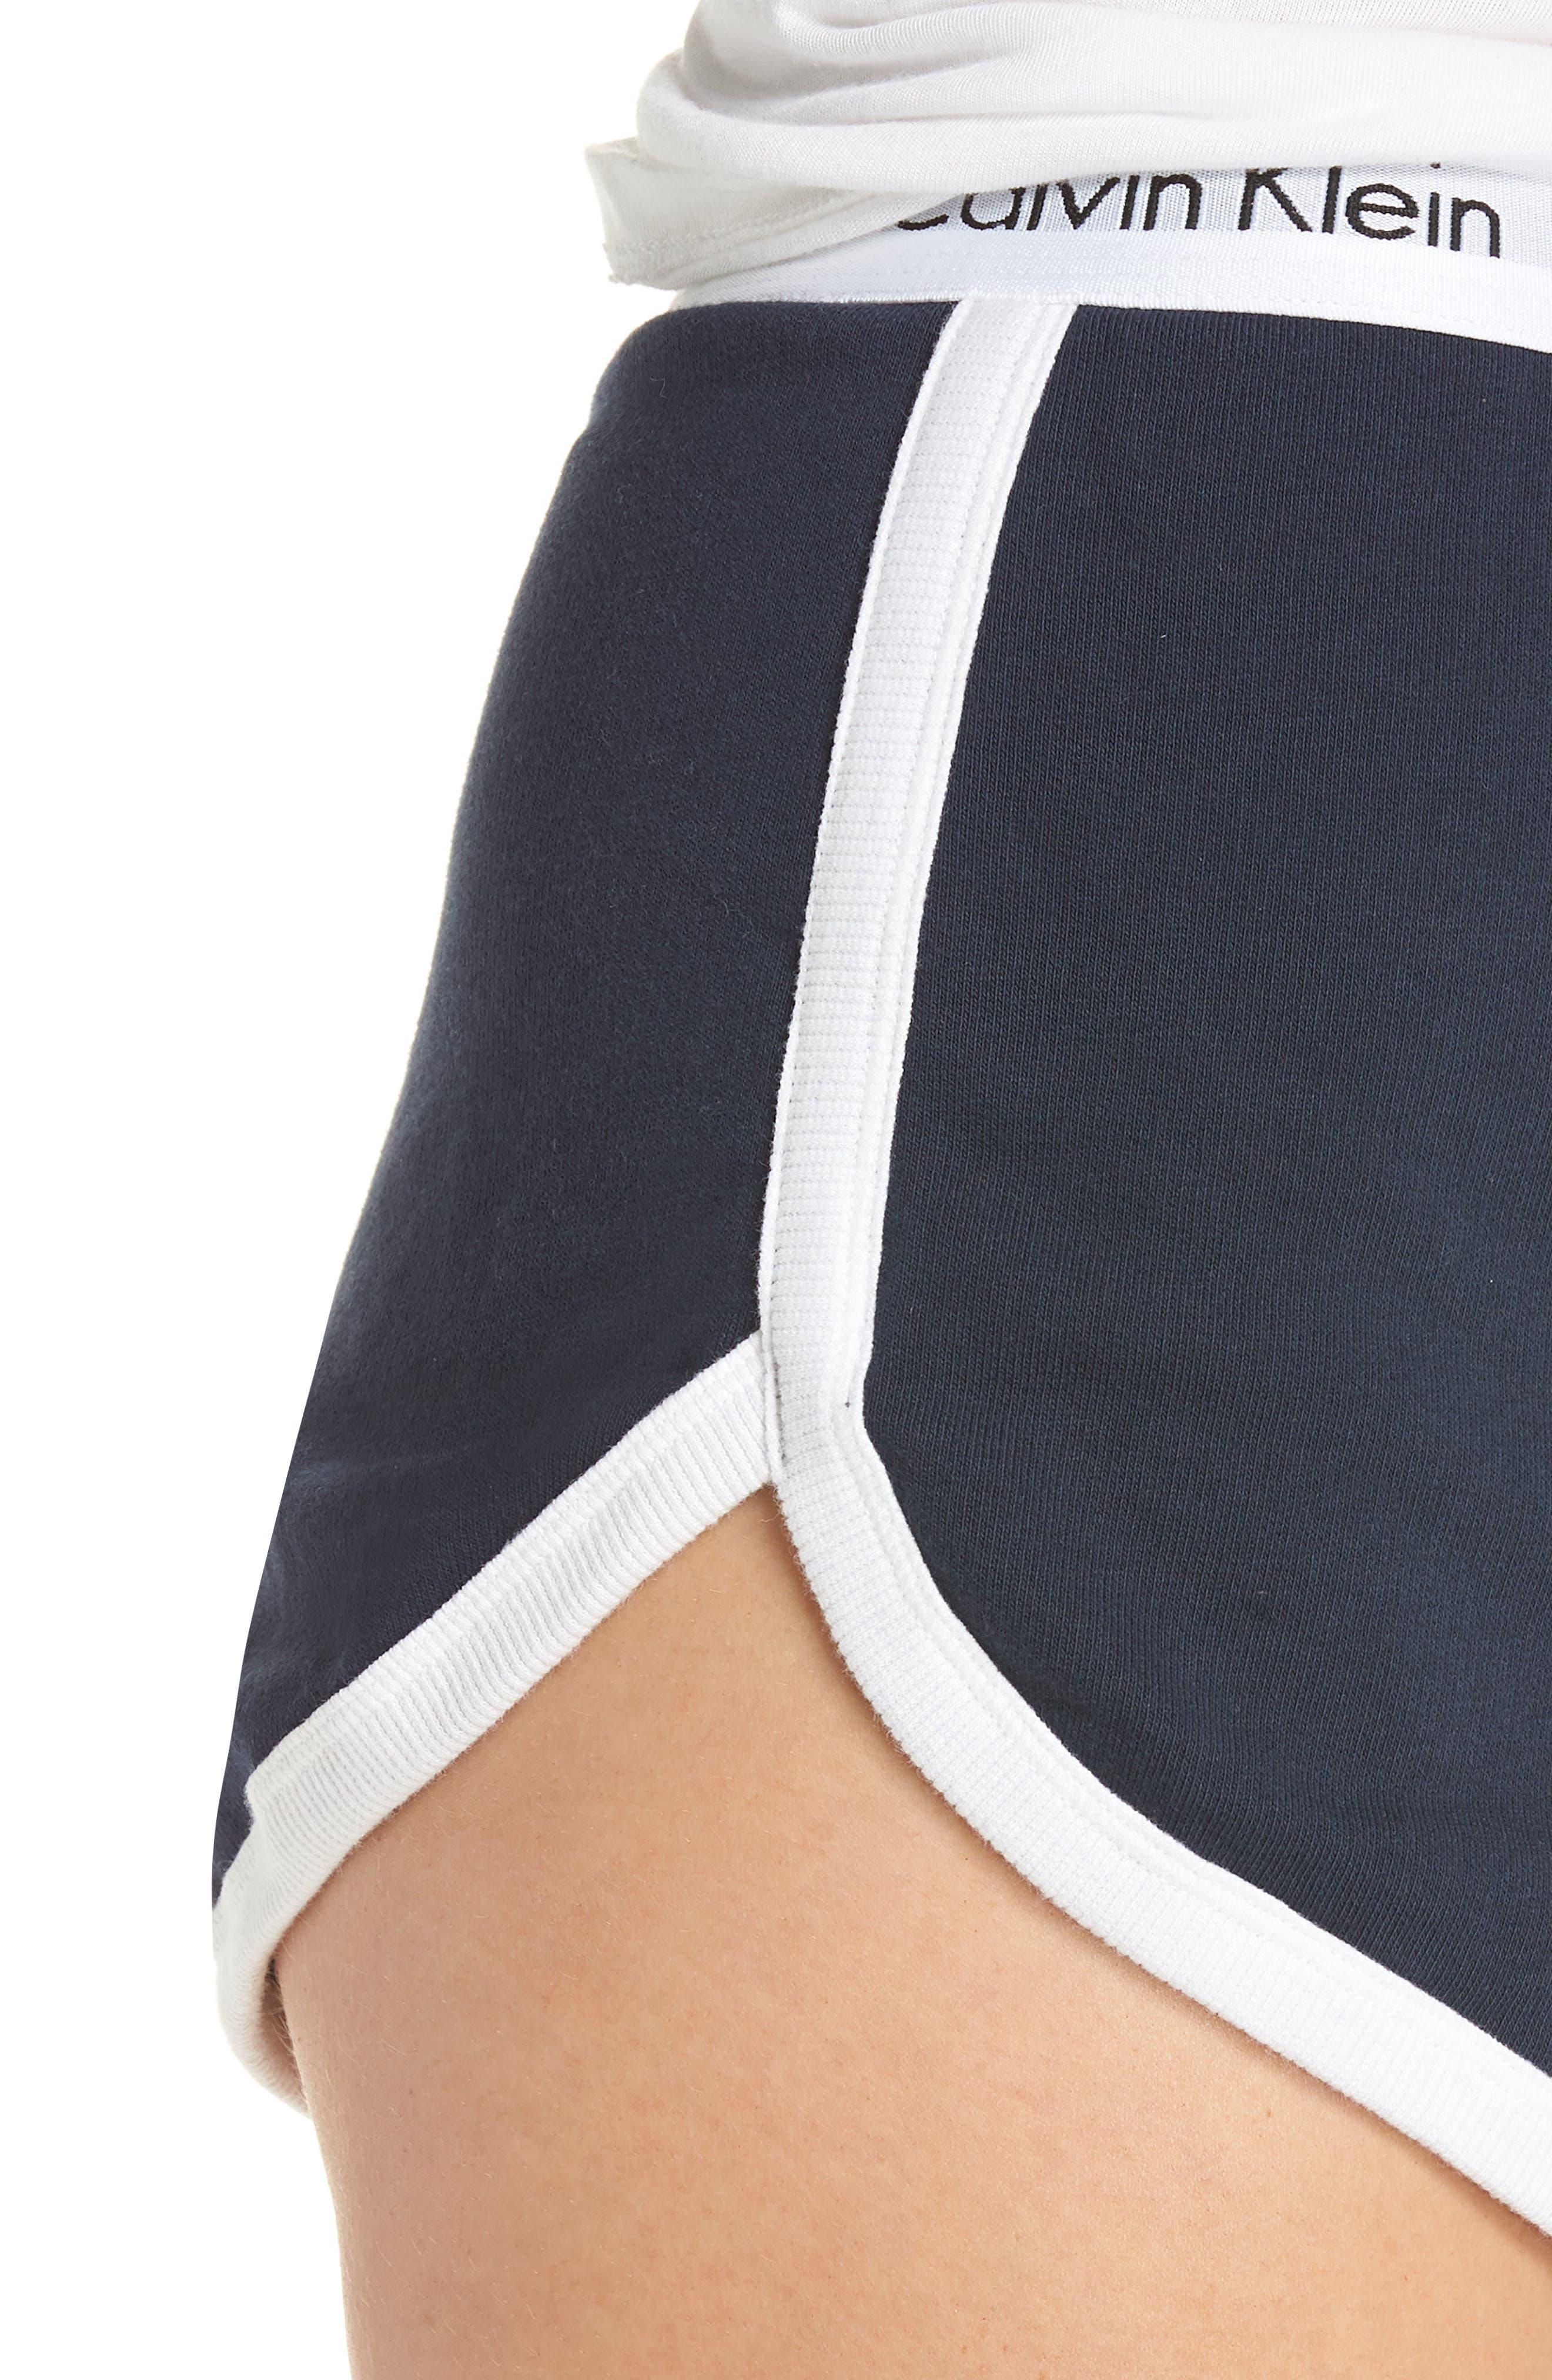 Sleep Shorts,                             Alternate thumbnail 4, color,                             SHORELINE